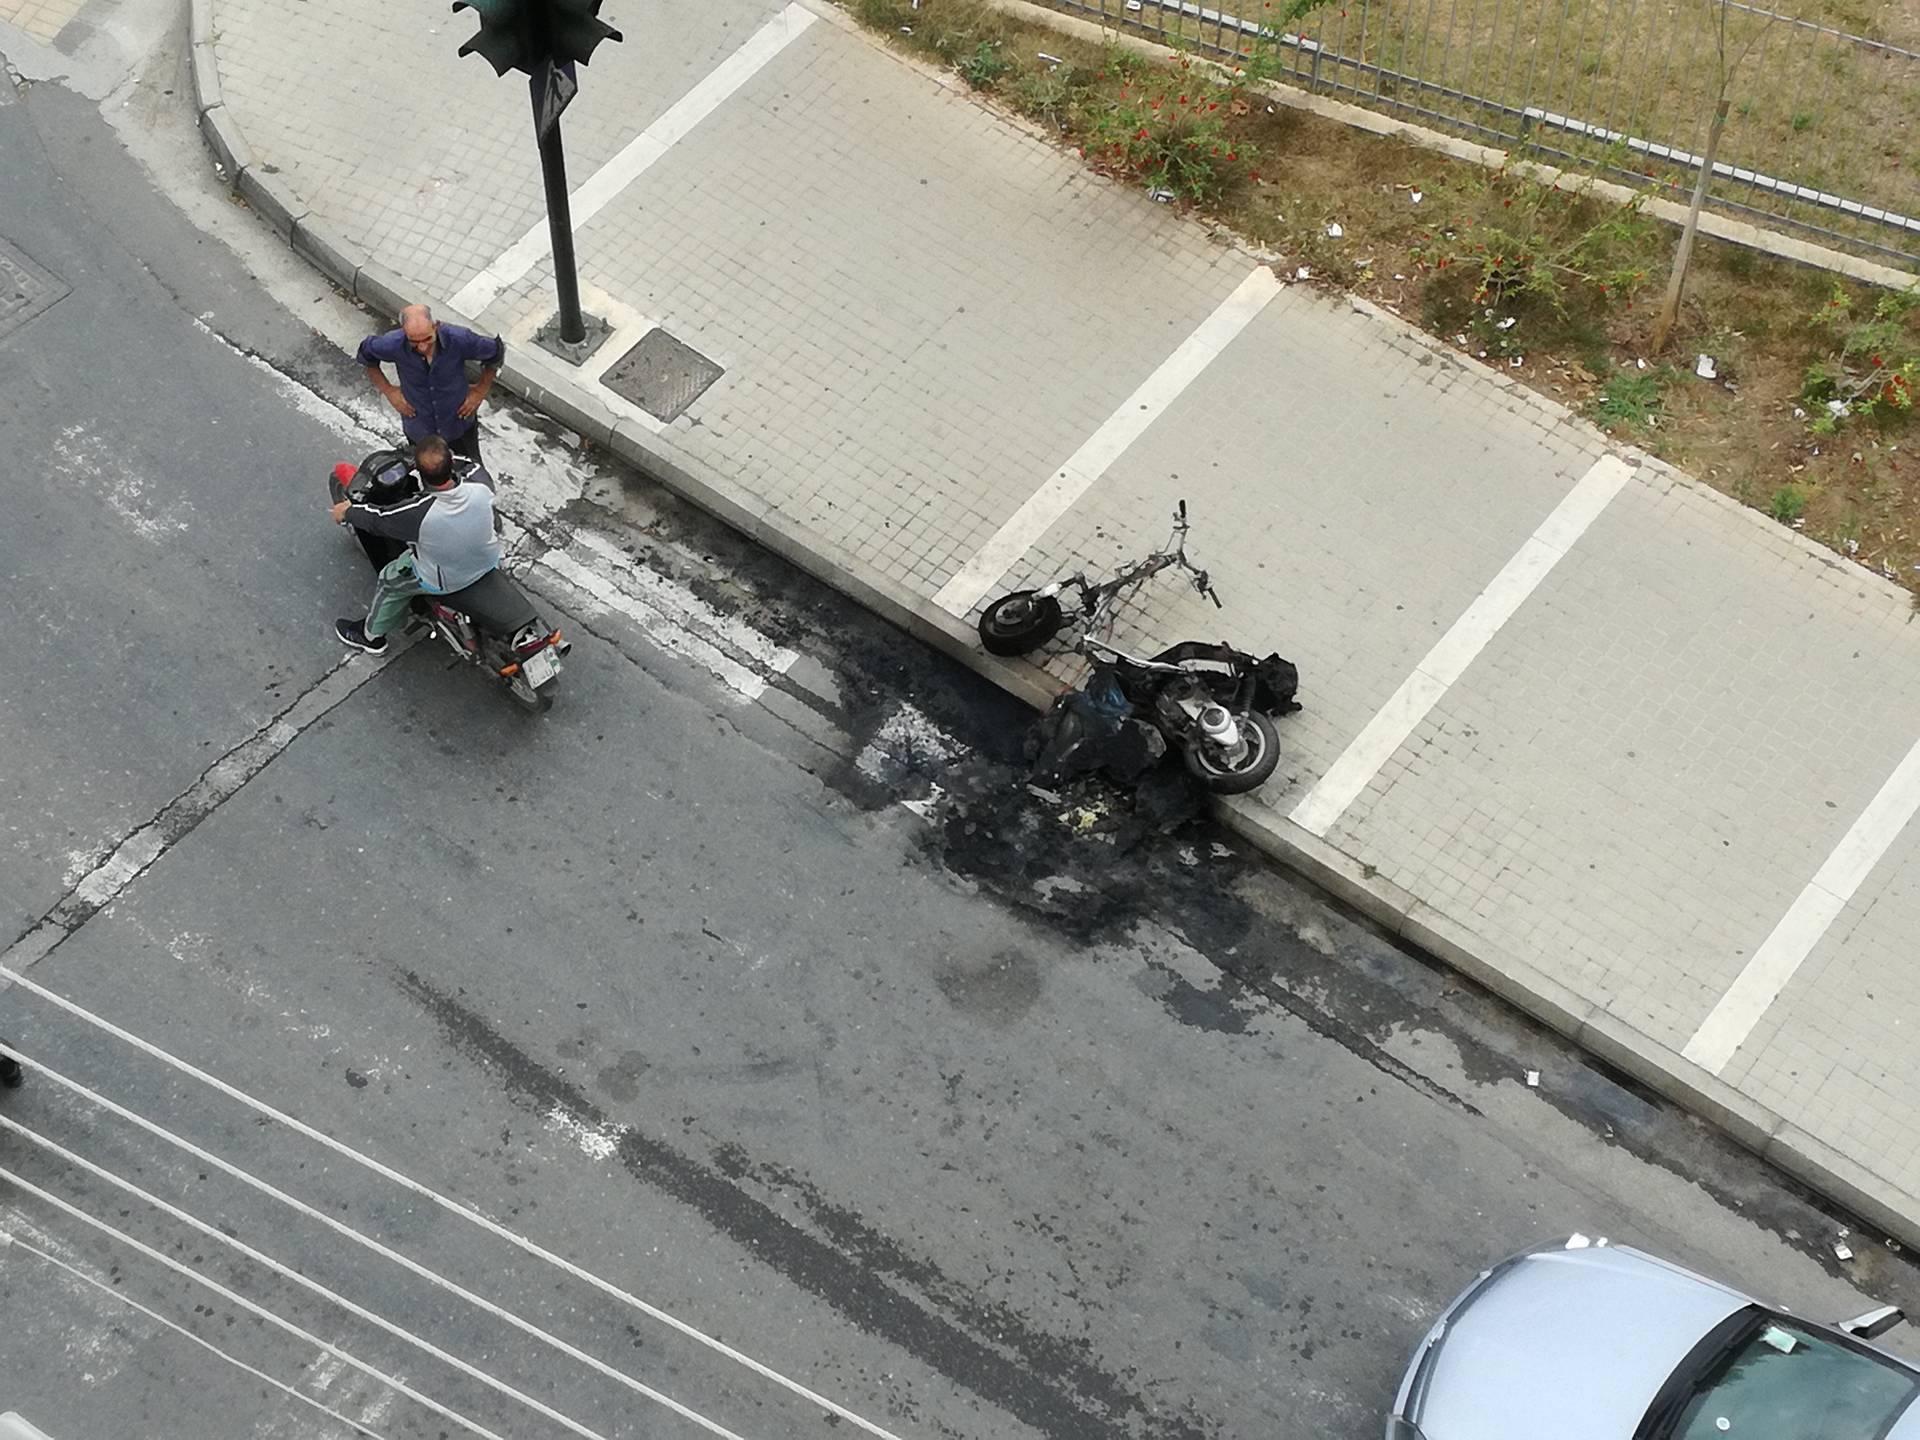 Καλαμάτα: Πήρε φωτιά το μηχανάκι νεαρής οδηγού εν κινήσει!